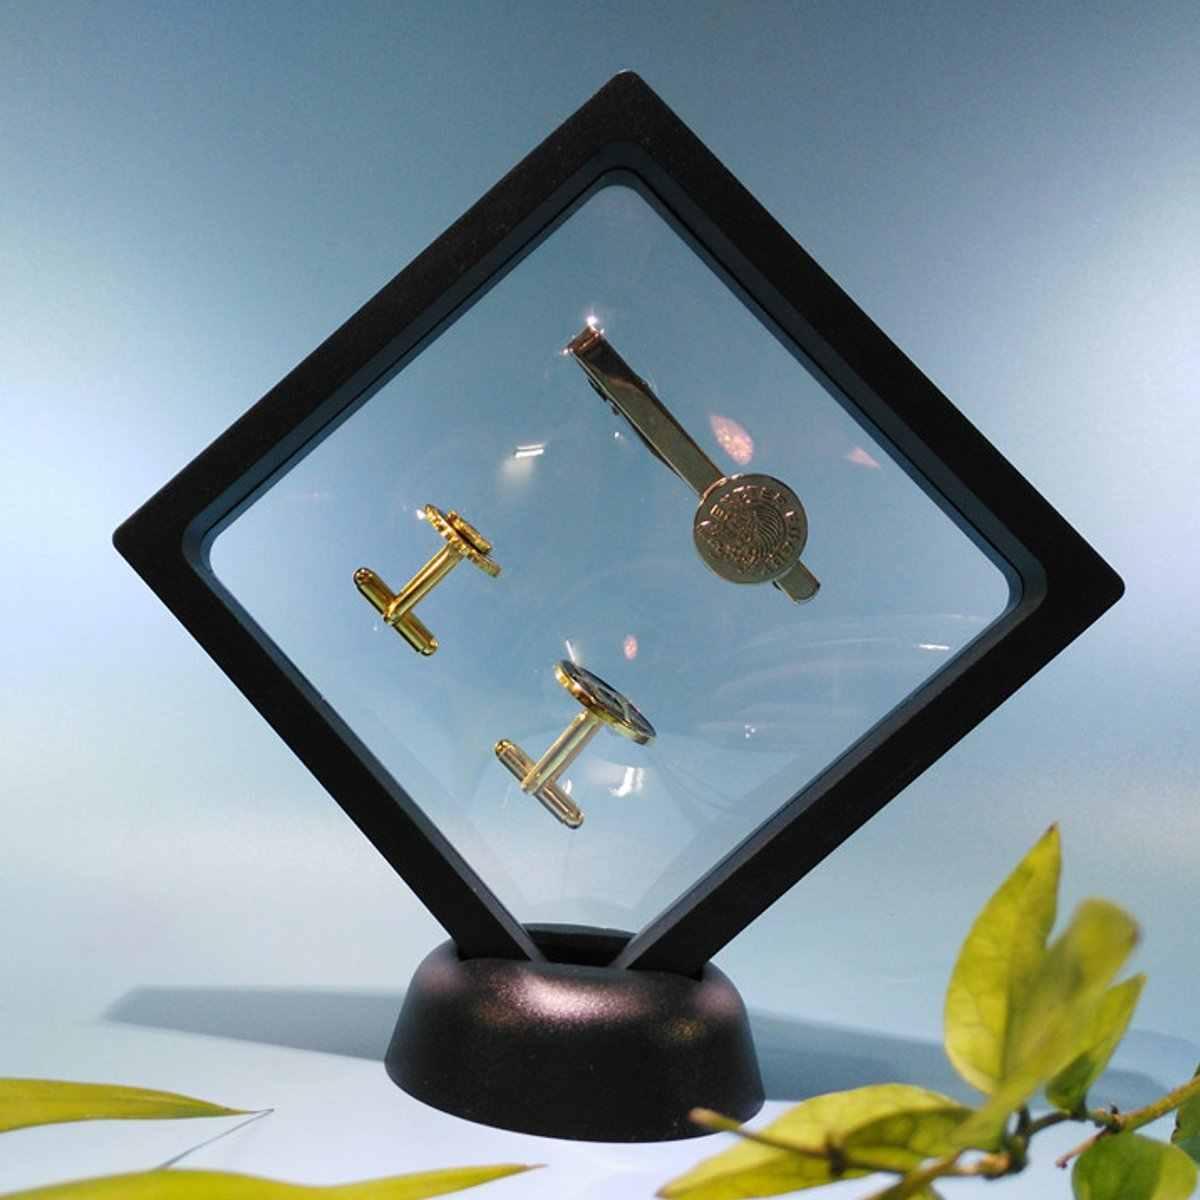 10 sztuk/lotSquare albumy 3D pływający uchwyt ramki pudełko na monety biżuteria wyświetlacz pokaż biżuteria wyświetlacz pojemnik ekspozycyjny